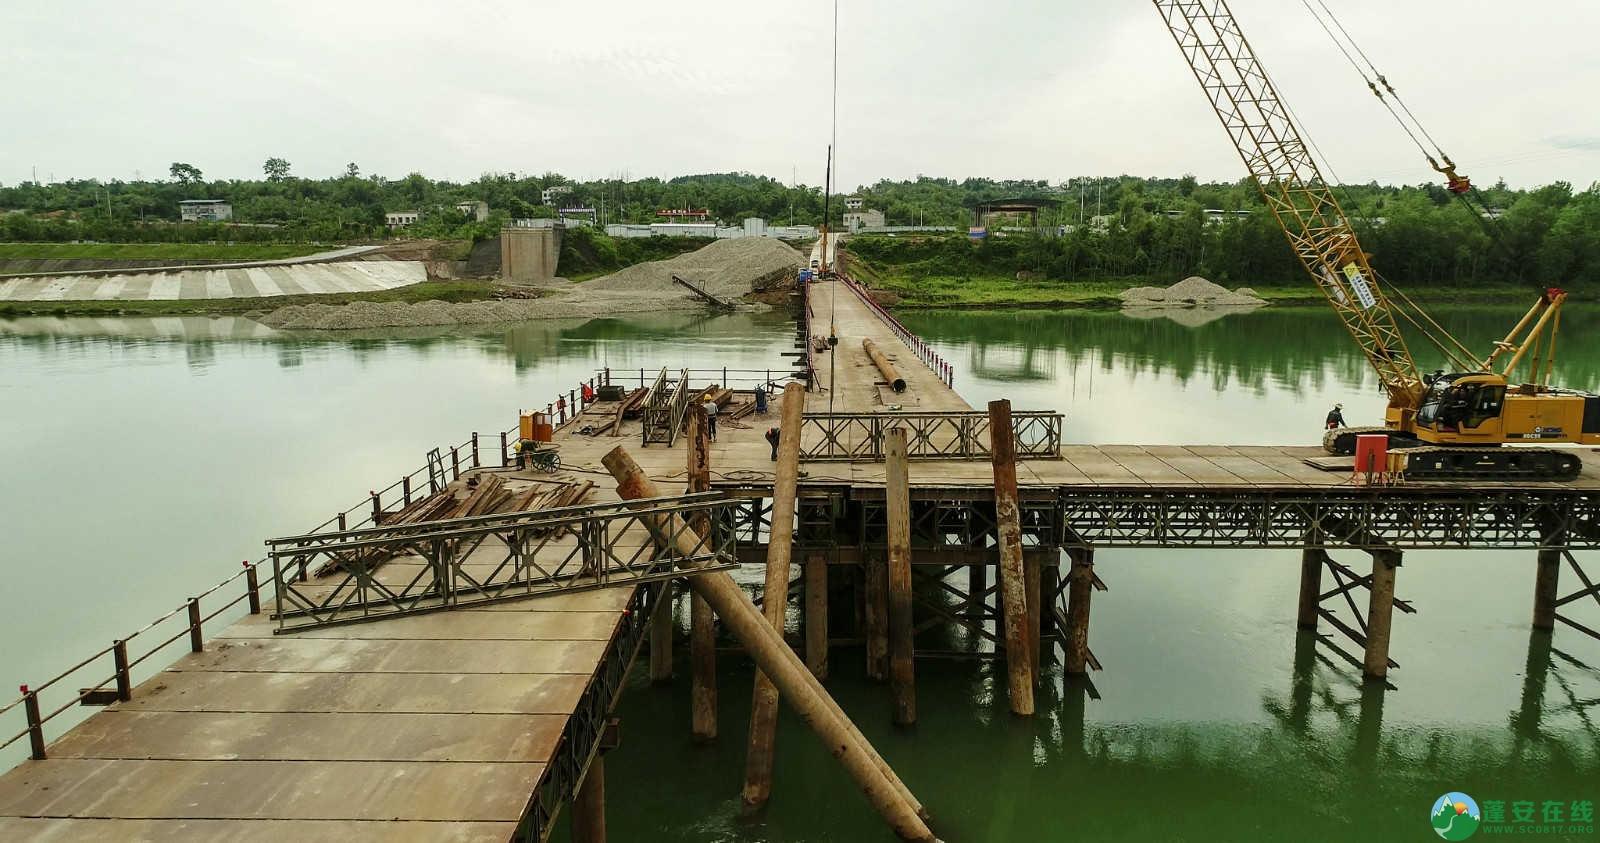 蓬安嘉陵江一桥修建进(2019年5月11日) - 第5张  | 蓬安在线